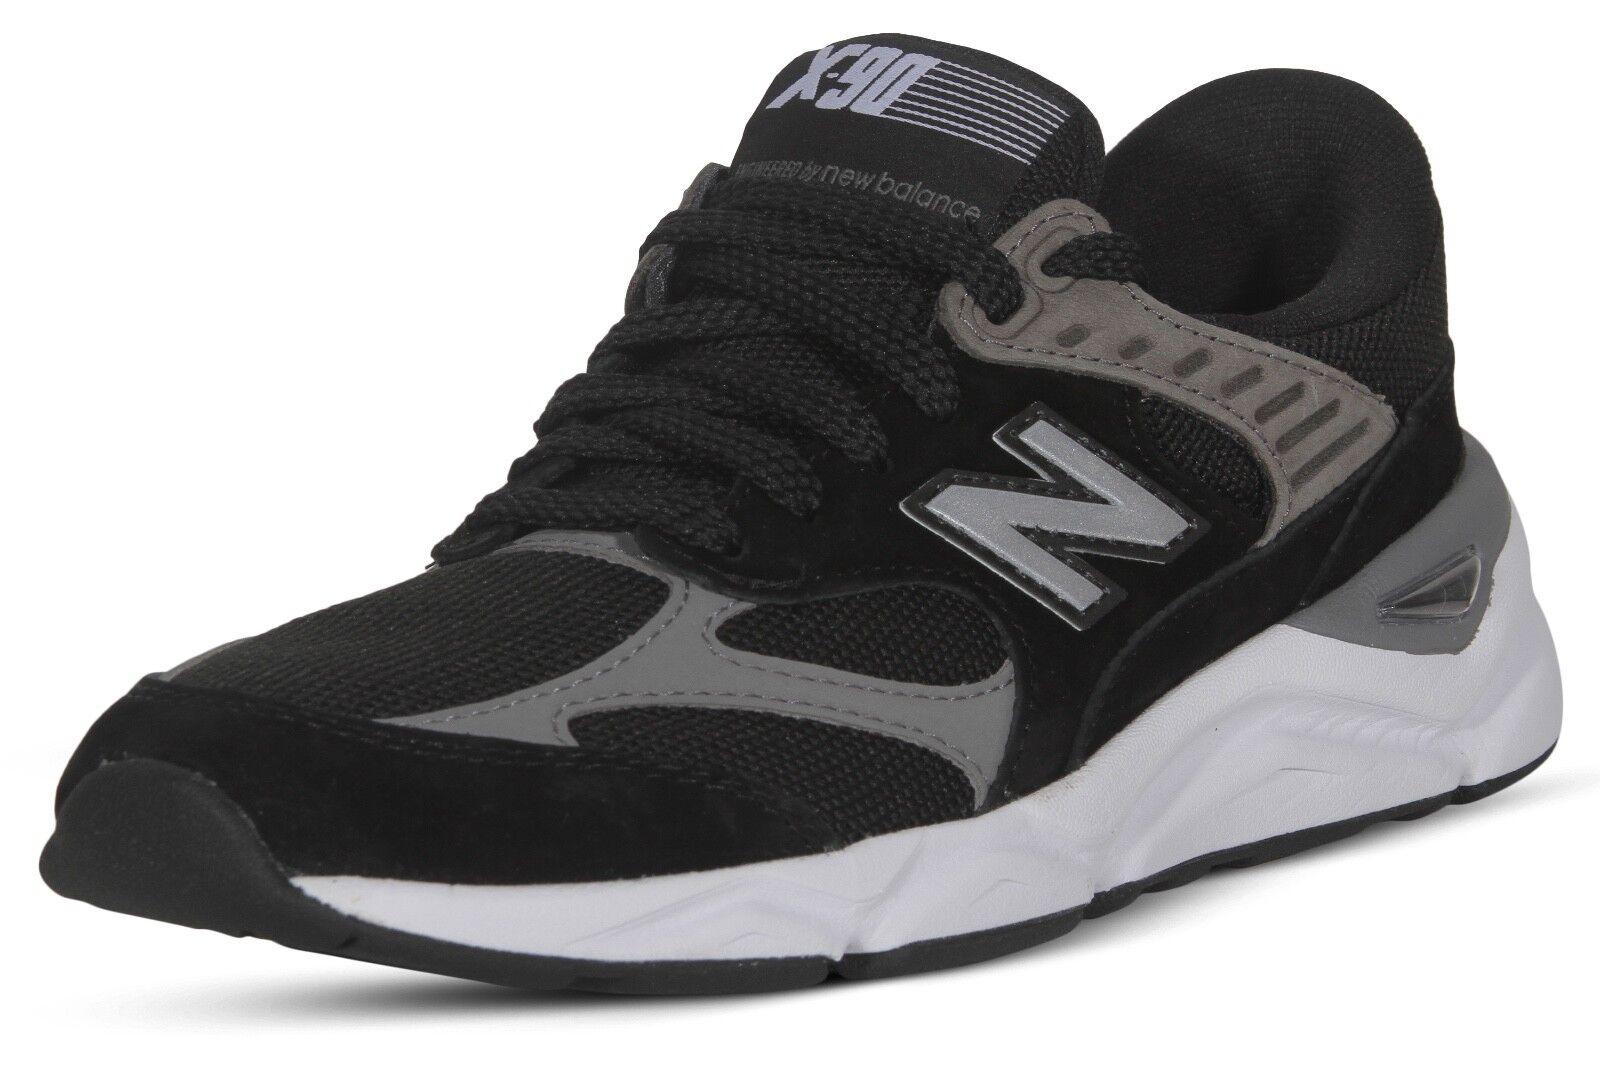 n ° 1 en línea New balance X90 clásico para mujer zapatos de entrenamiento tenis tenis tenis de correr WSX90RLB Negro  caliente